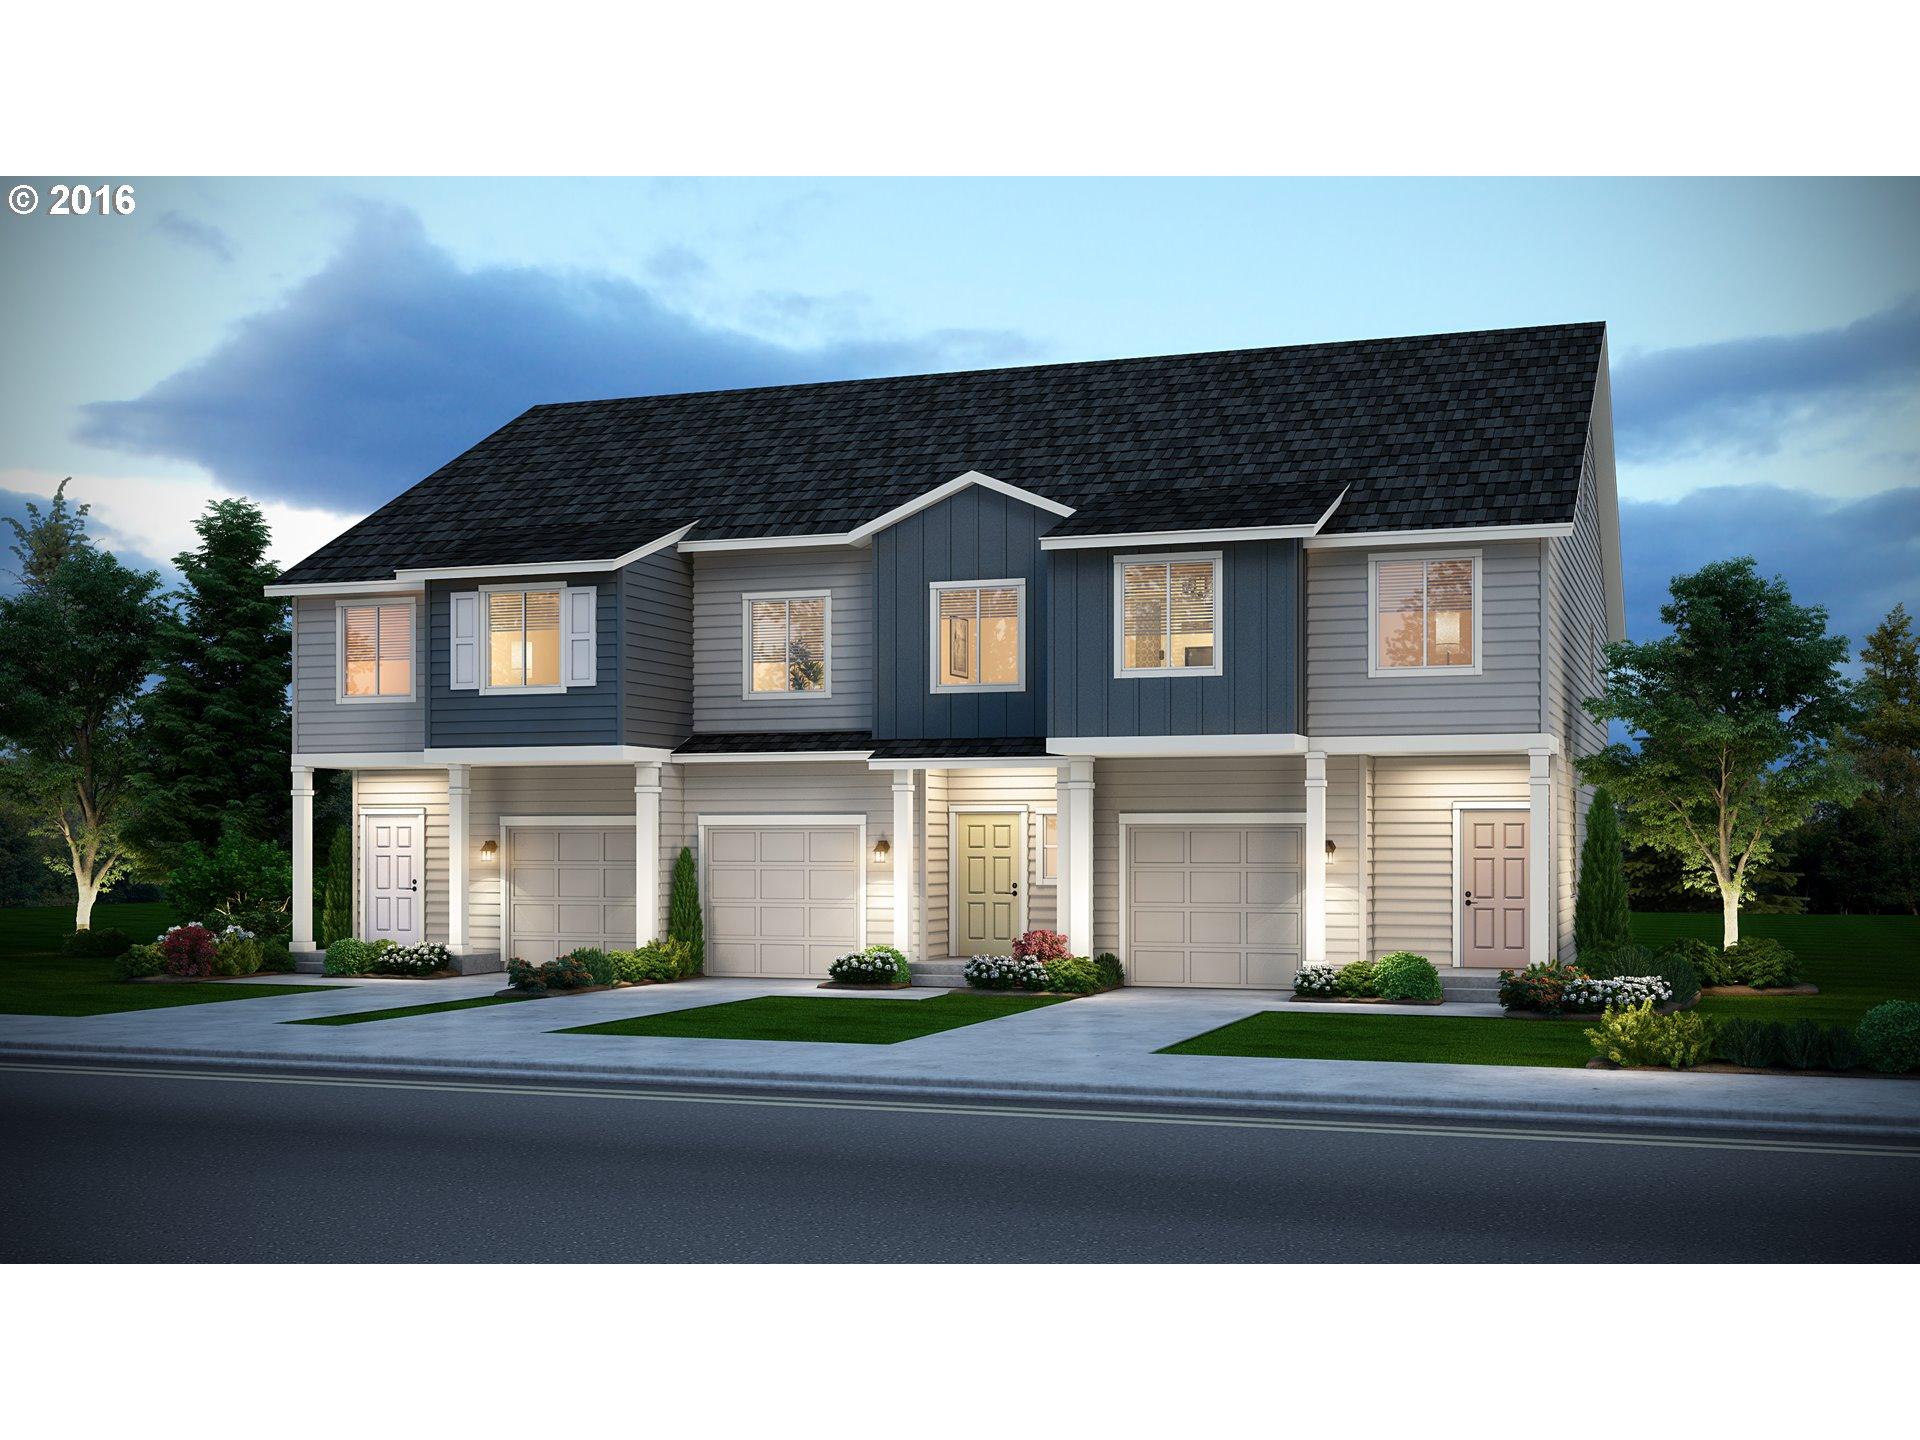 8517 NE 14TH AVE, Vancouver, WA 98665